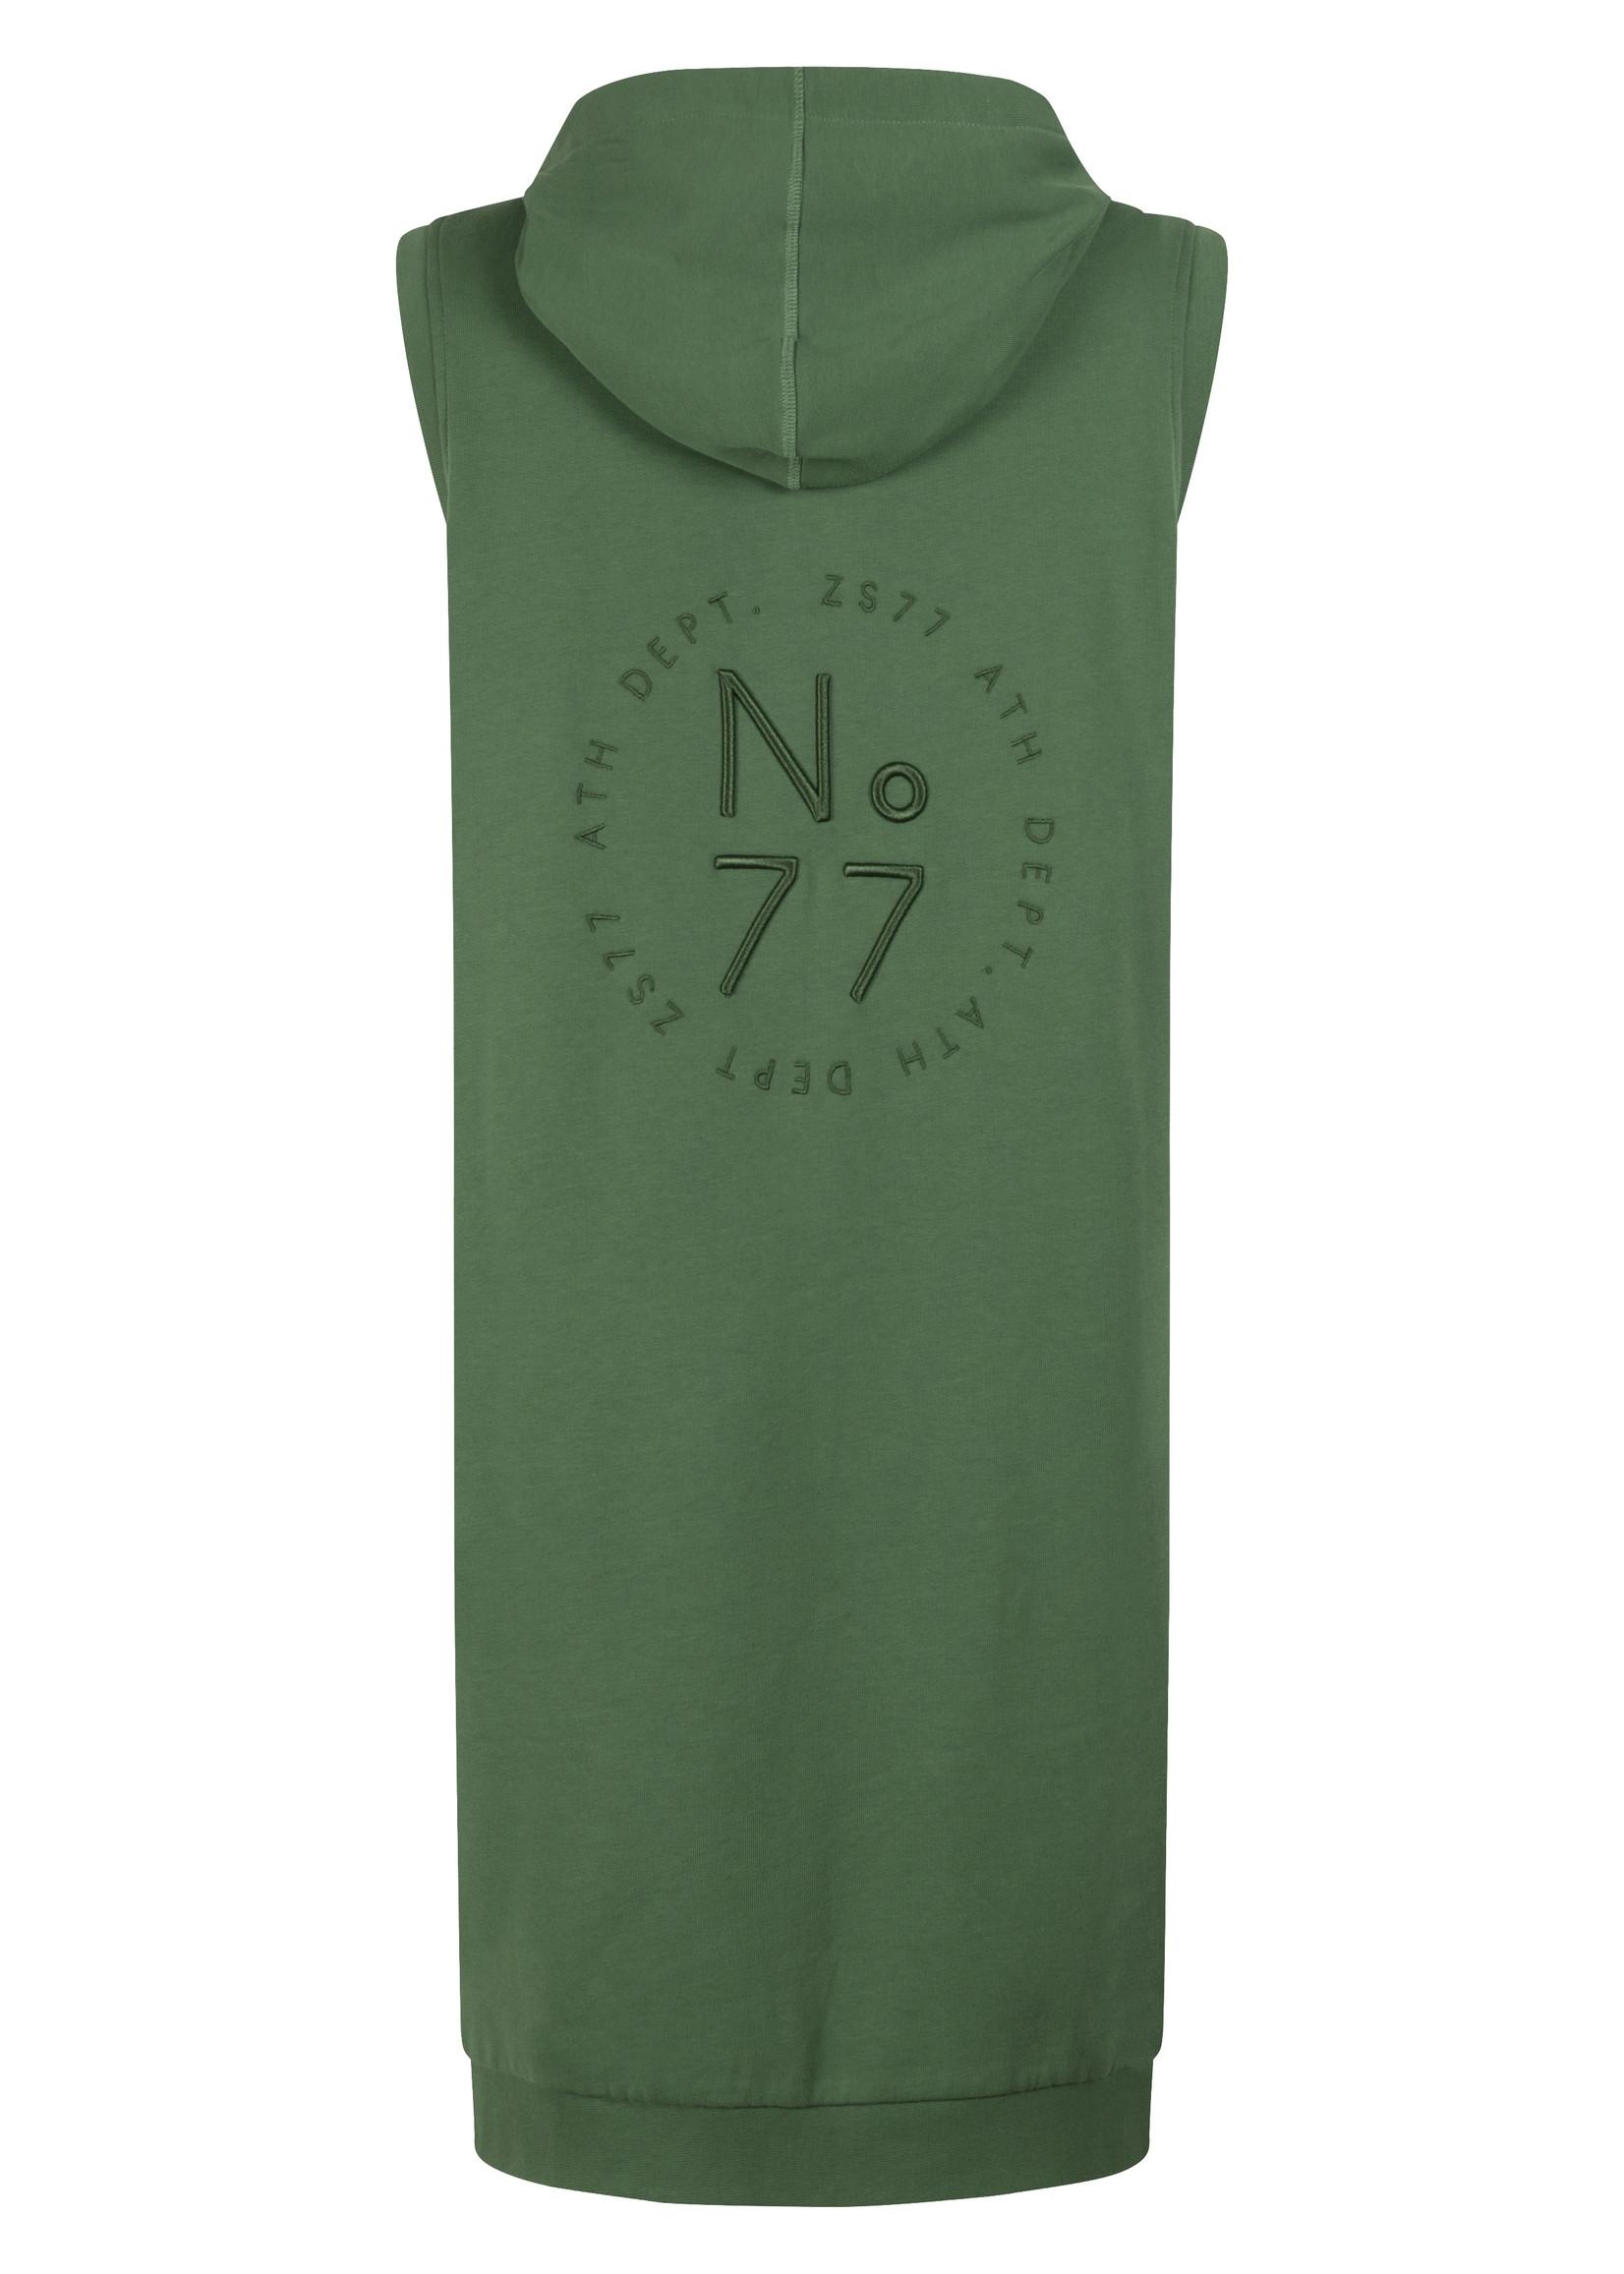 Zoso Zoso - Donna - Vest met borduursel groen